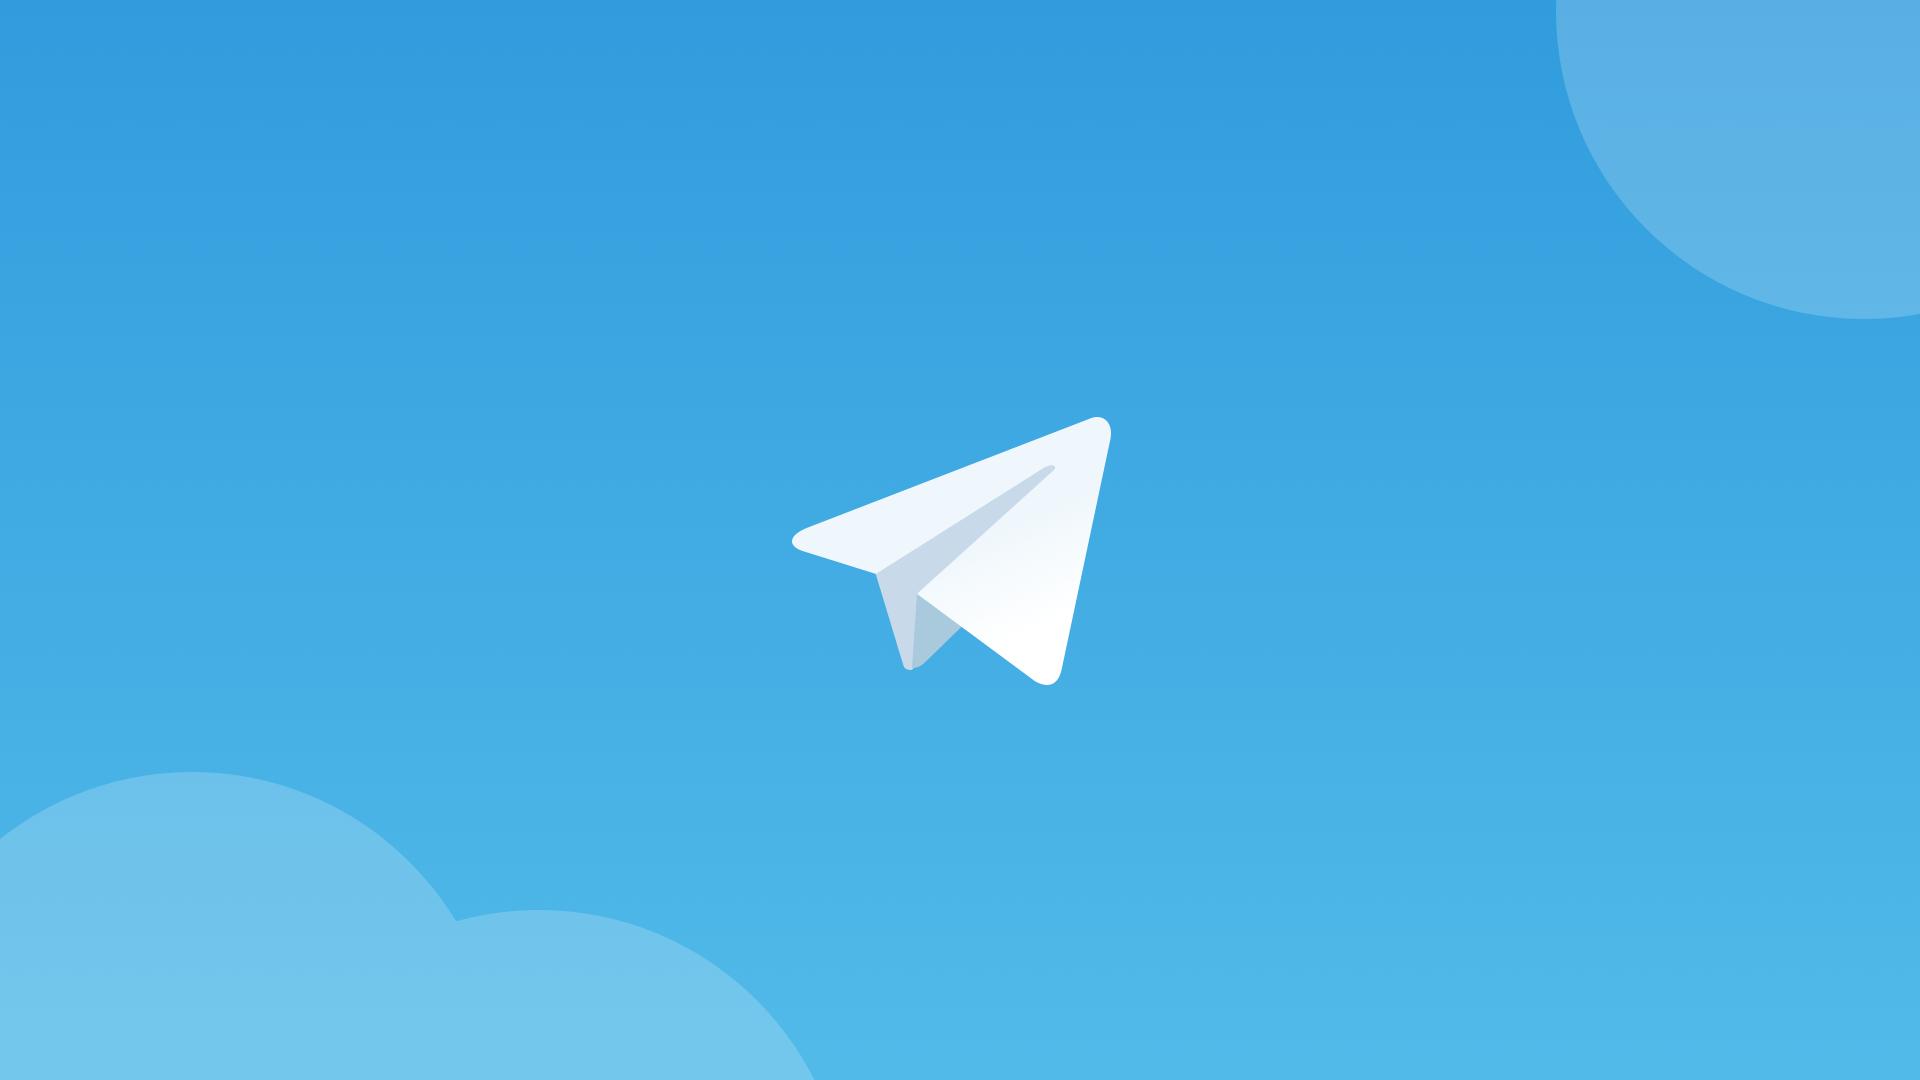 Альбатрос-Сантехника: канал в Телеграм